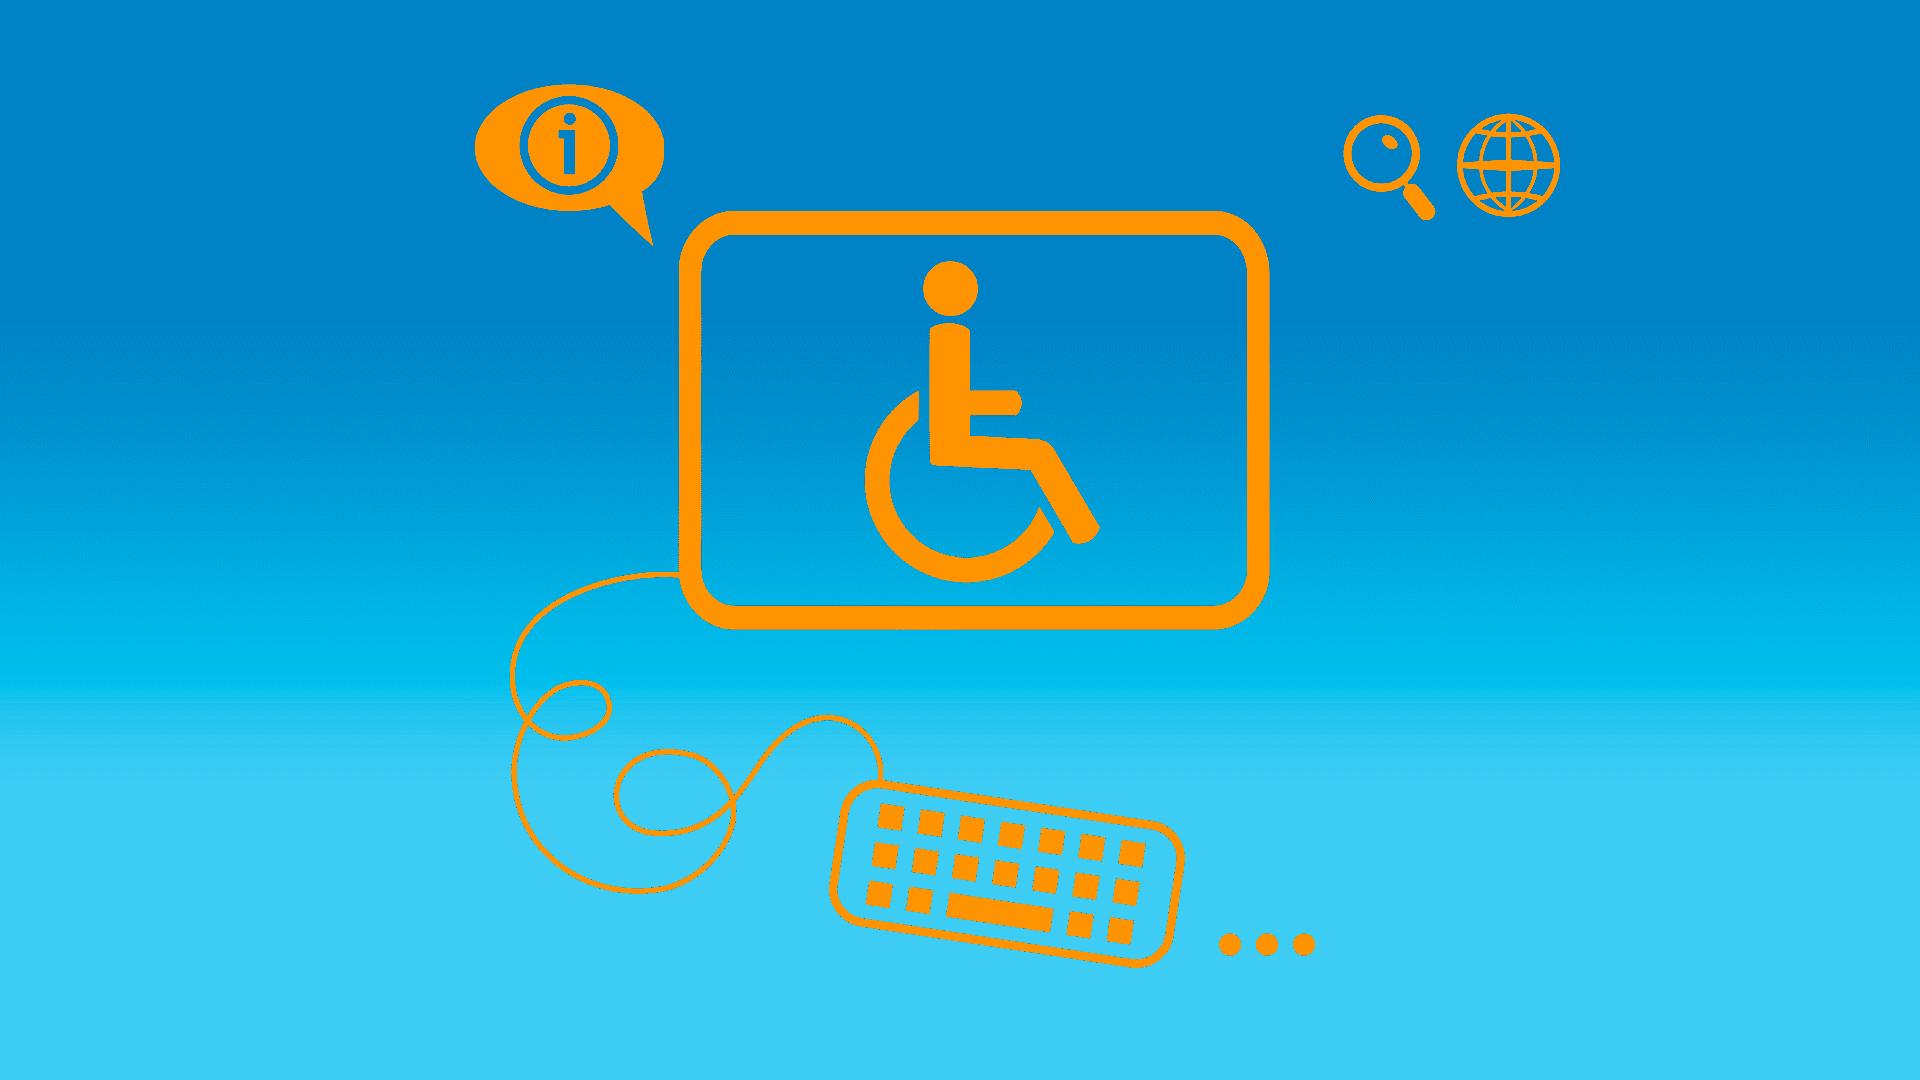 Arte em fundo azul e ícones laranja, ilustrando pauta sobre treinamentos de acessibilidade digital a profissionais de TI. Descrição na legenda, abaixo.